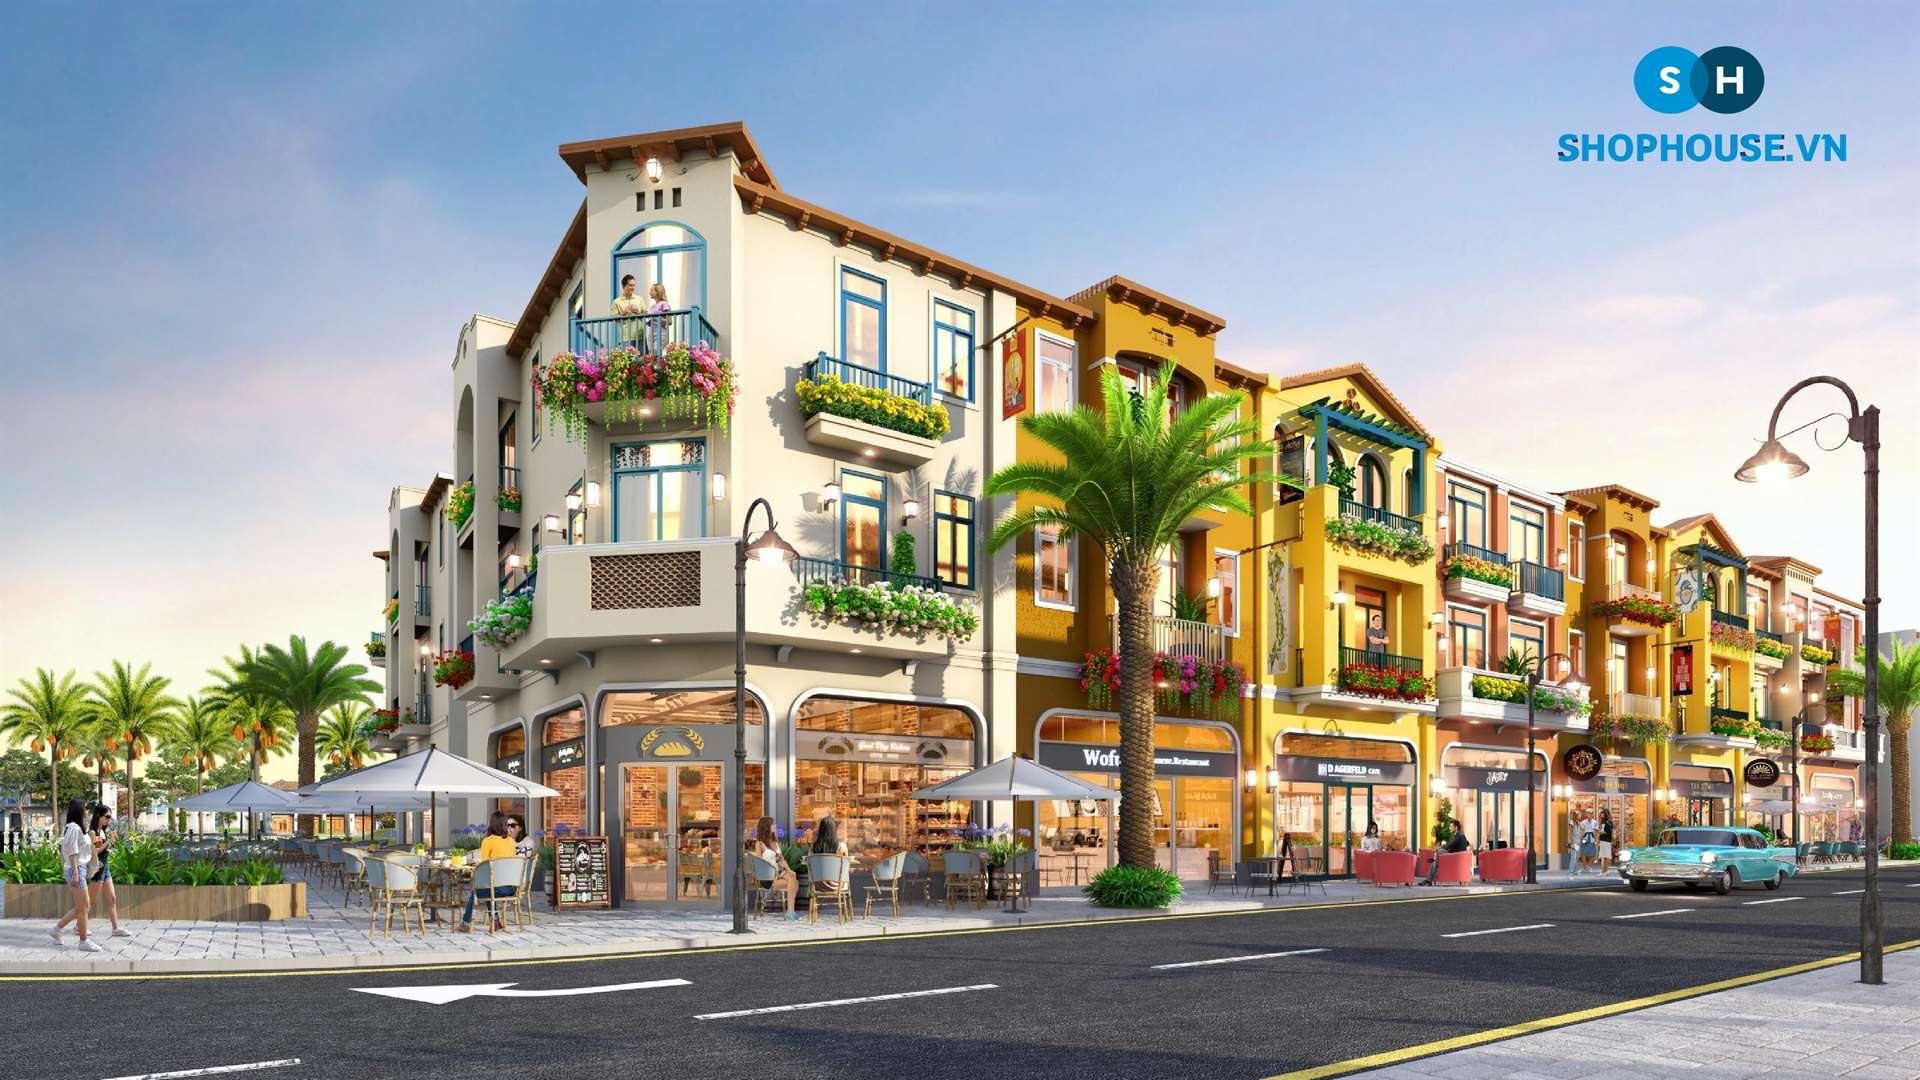 mau-nha-shophouse-Habana-island-NovaWorld-Ho-Tram-novaland-dao-2-mat-tien